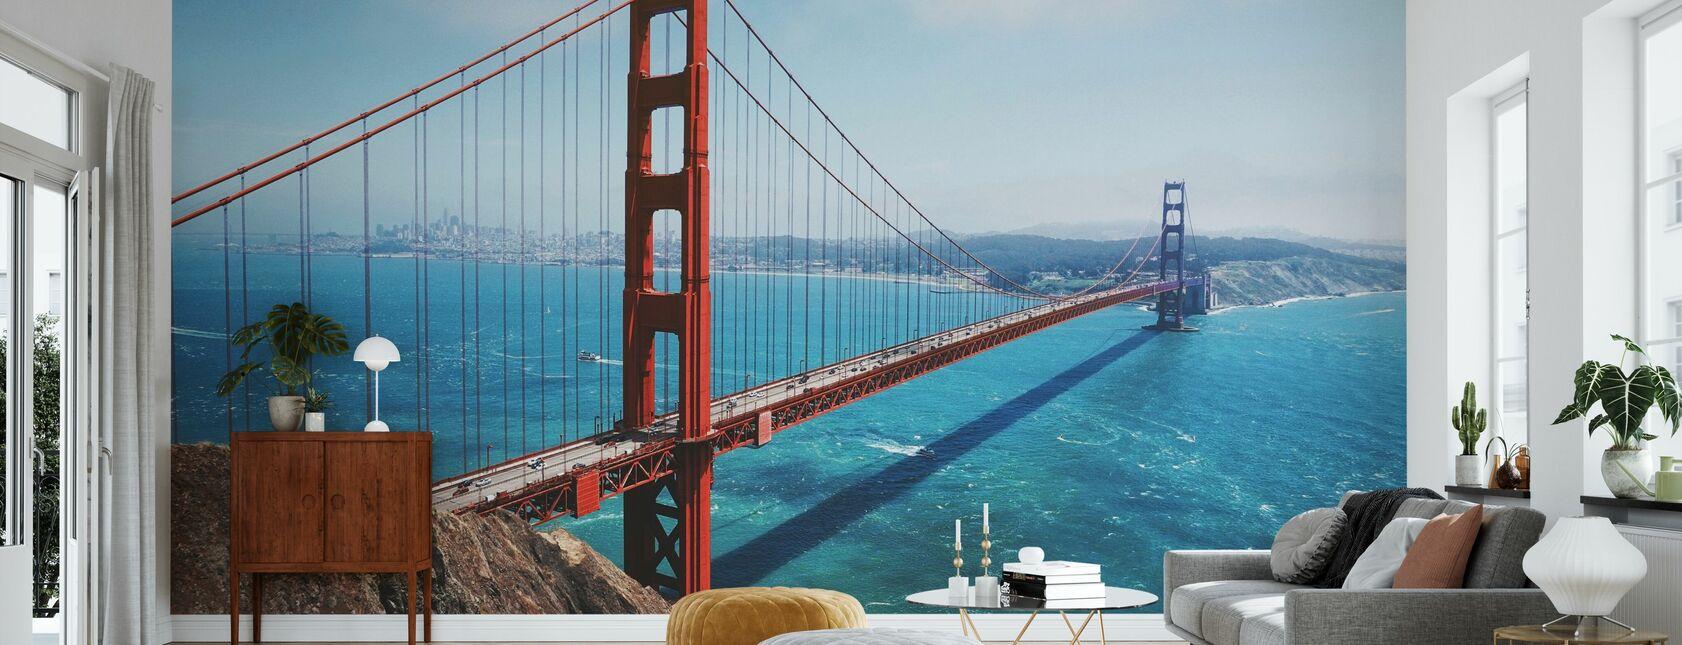 Golden Gate-bron - Tapet - Vardagsrum